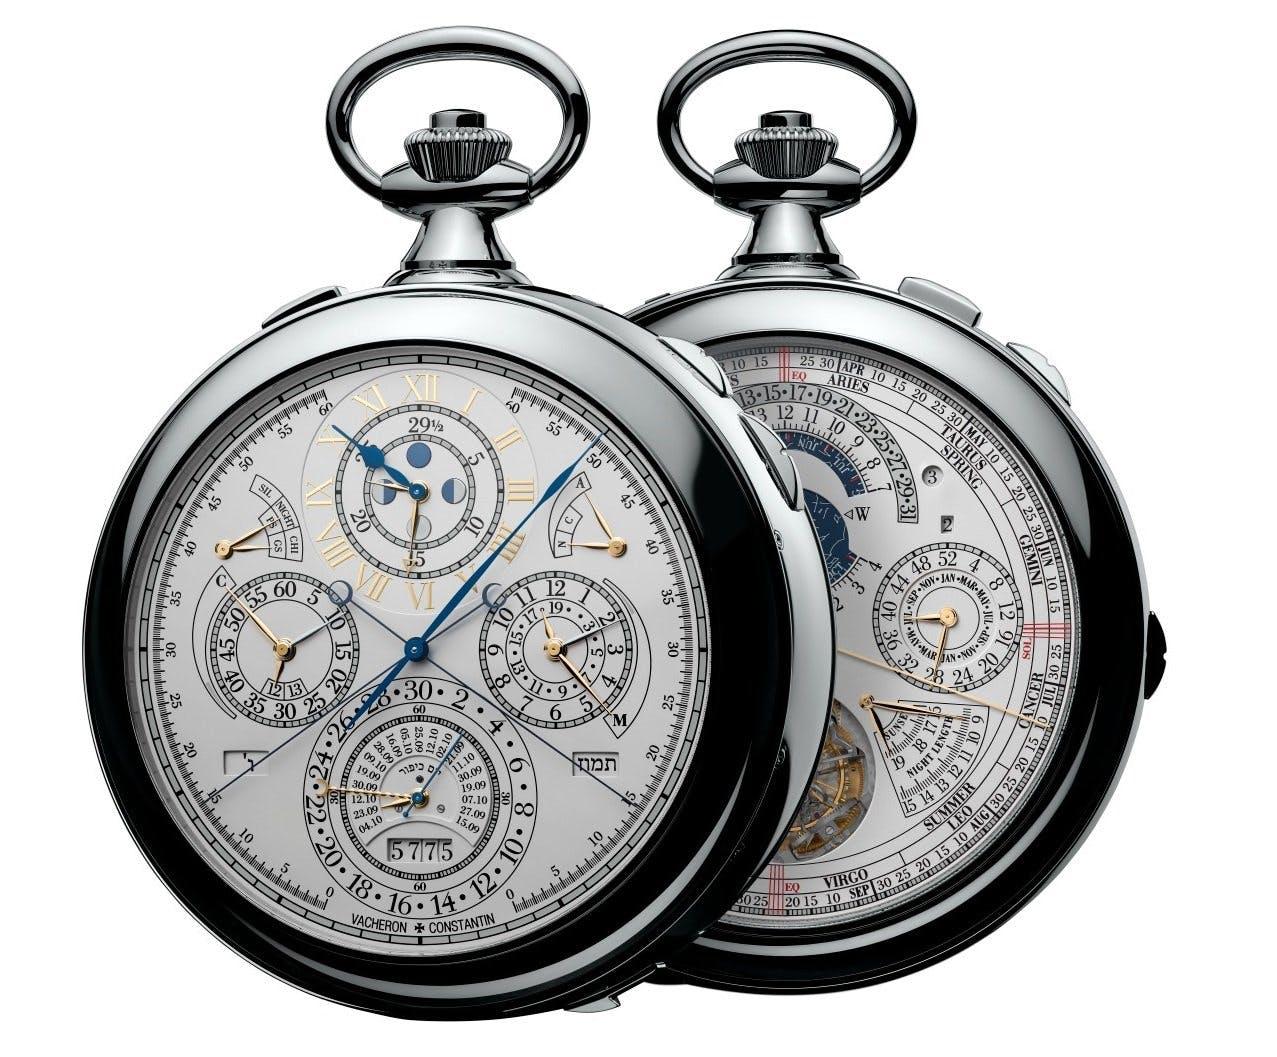 Vacheron Constantin 57260 Die komplizierteste Taschenuhr